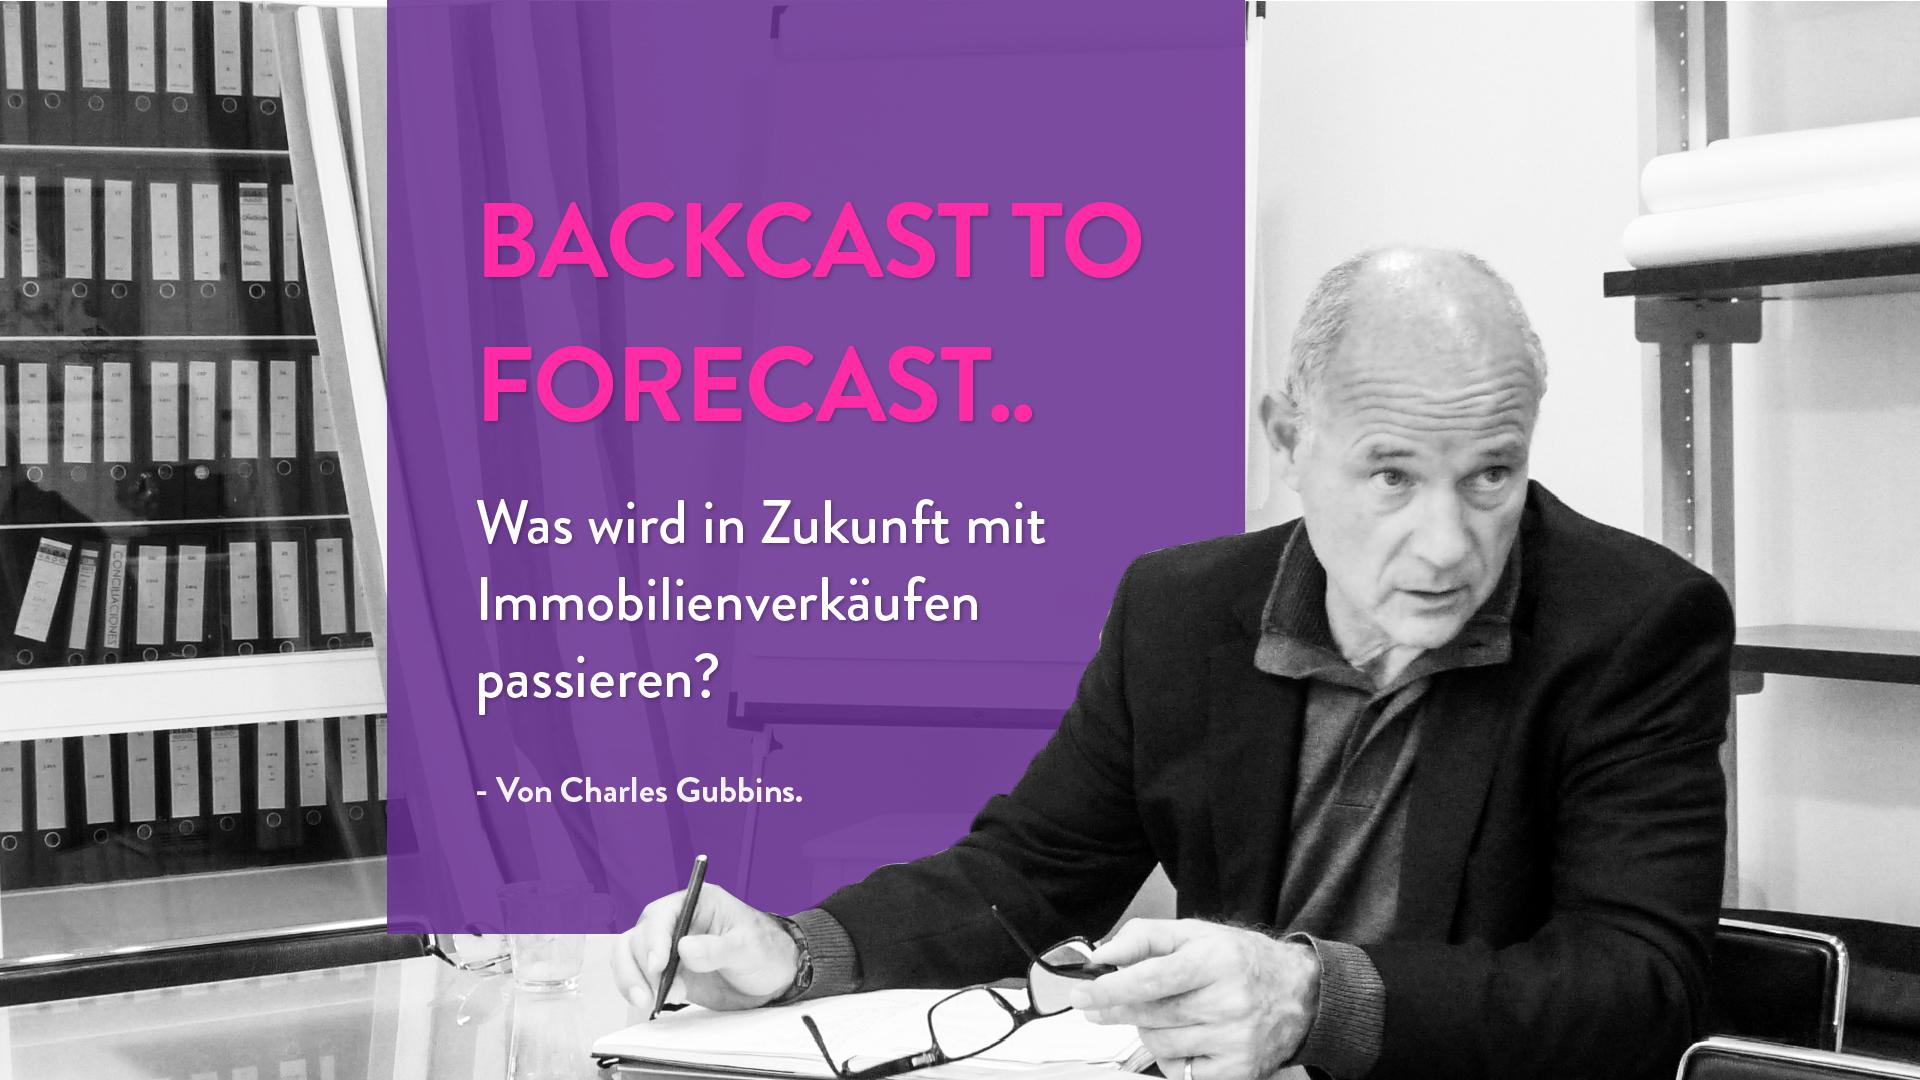 Backcast to Forecast .. Was wird in Zukunft mit Immobilienverkäufen passieren